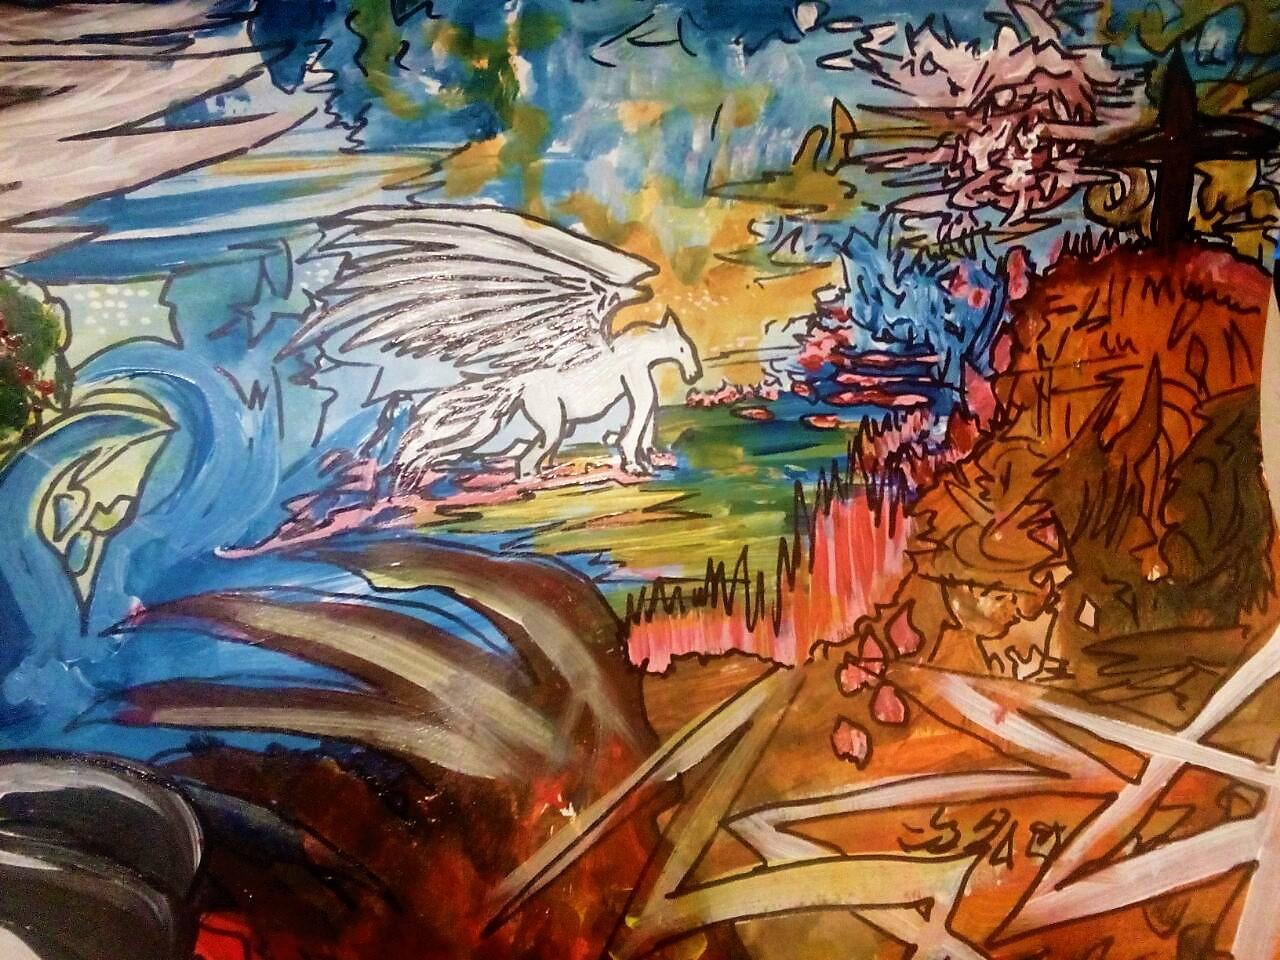 Dante the Demon Acryl/Eddingmix auf Papierkarton 100x70cm für einen Freund - Ausschnitt